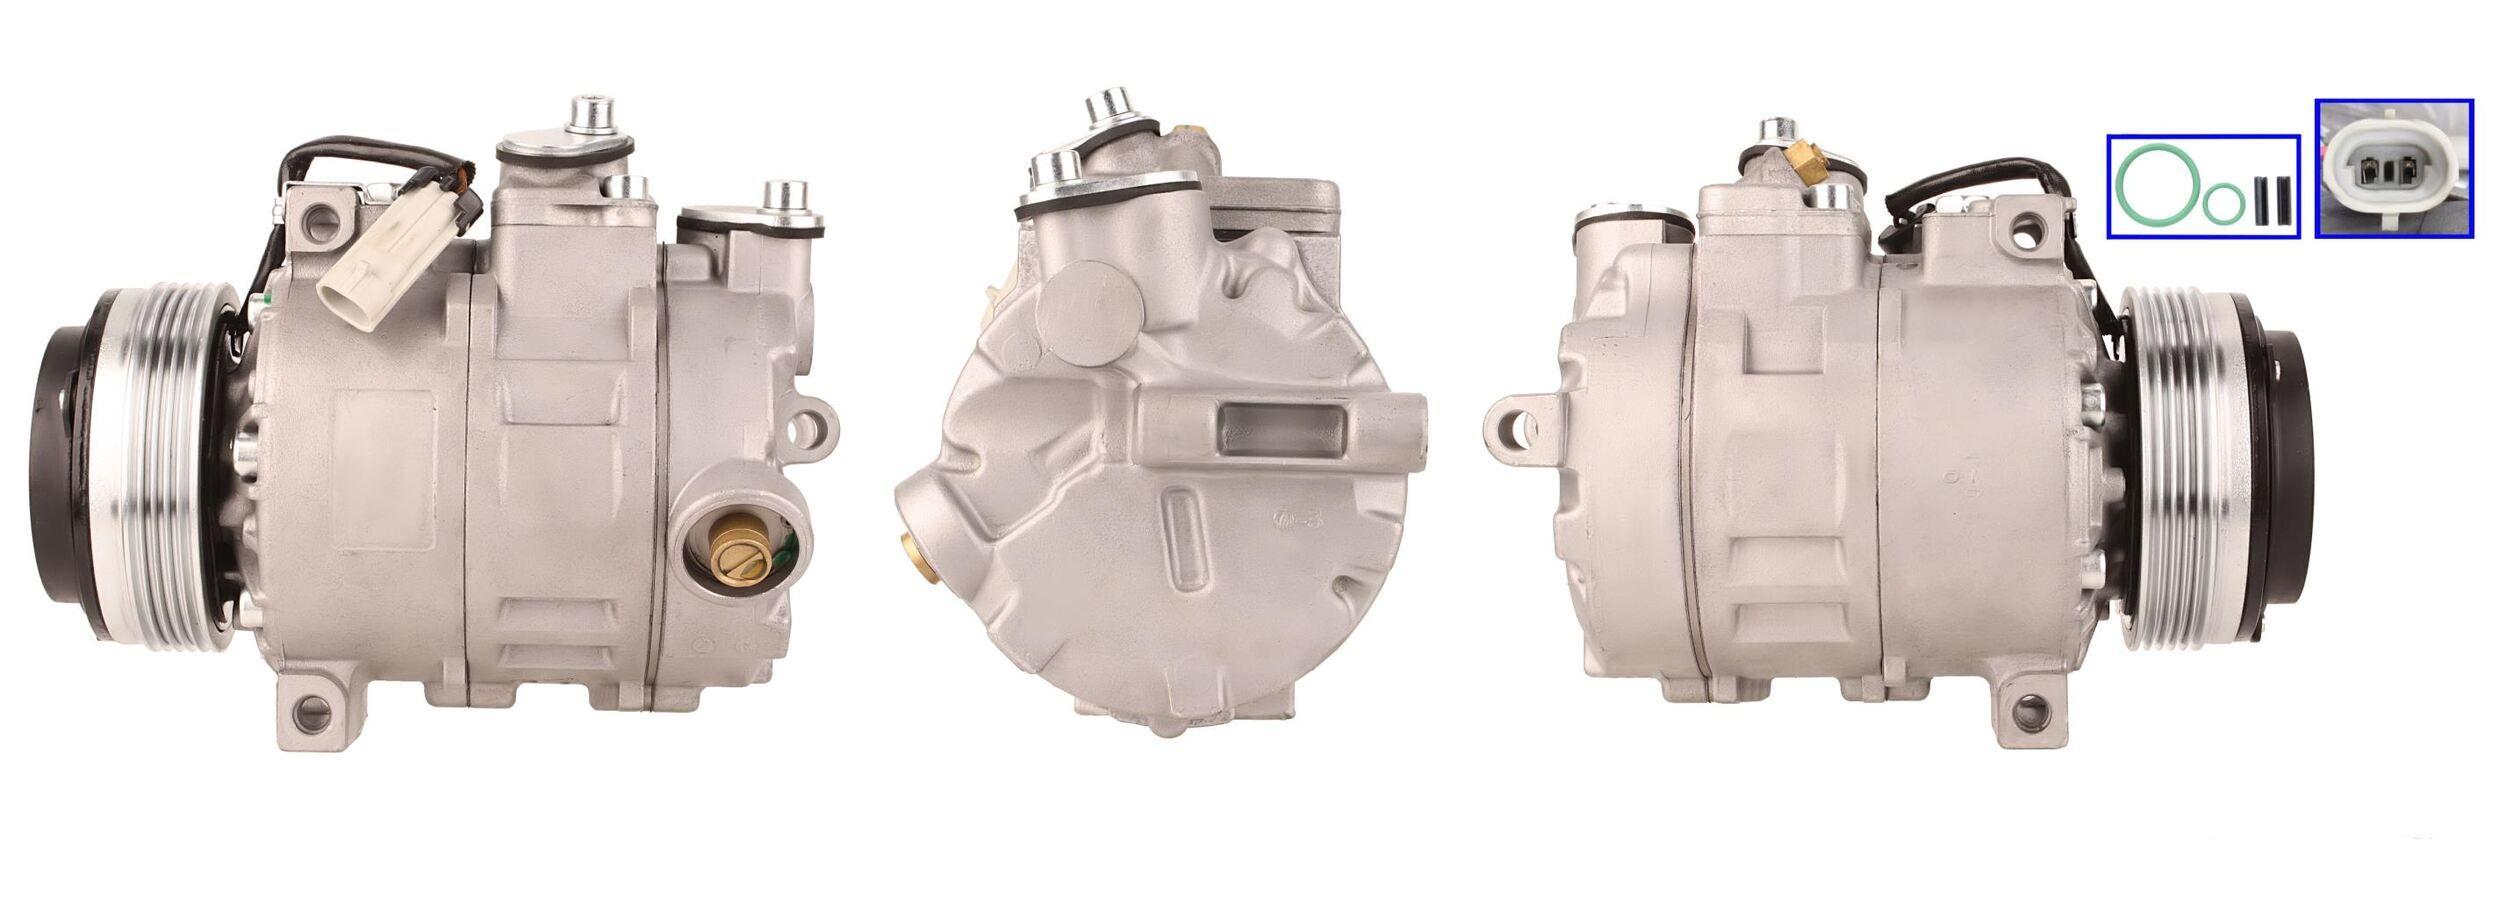 51-0110 ELSTOCK Kältemittel: R 134a, mit Dichtungen Riemenscheiben-Ø: 109mm, Anzahl der Rillen: 5 Klimakompressor 51-0110 günstig kaufen